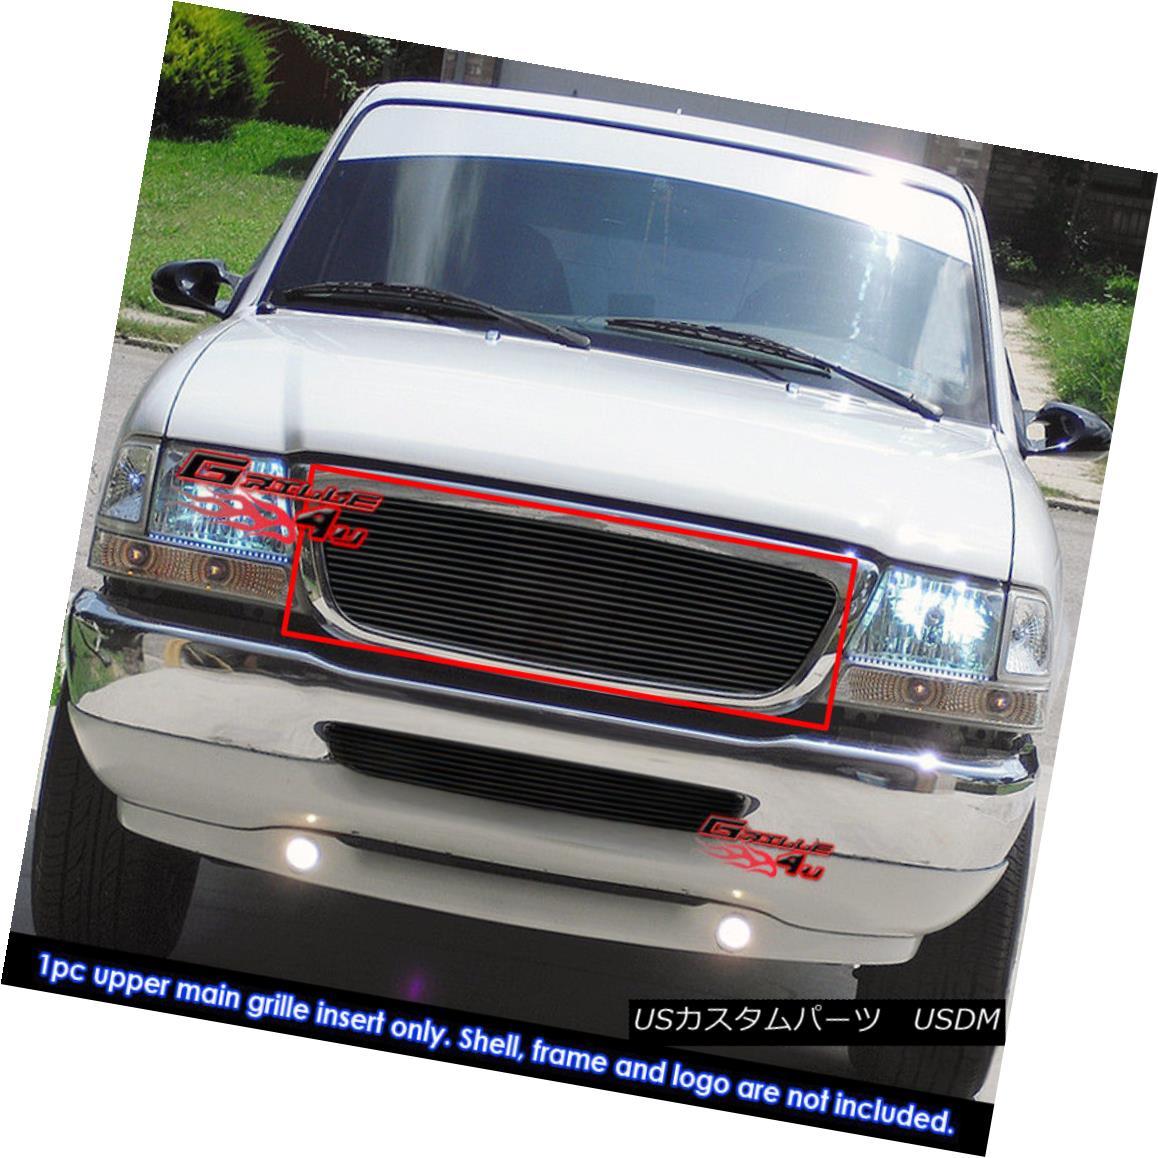 グリル For 98-00 Ford Ranger Black Billet Grille Insert 98-00フォードレンジャーブラックビレットグリルインサート用